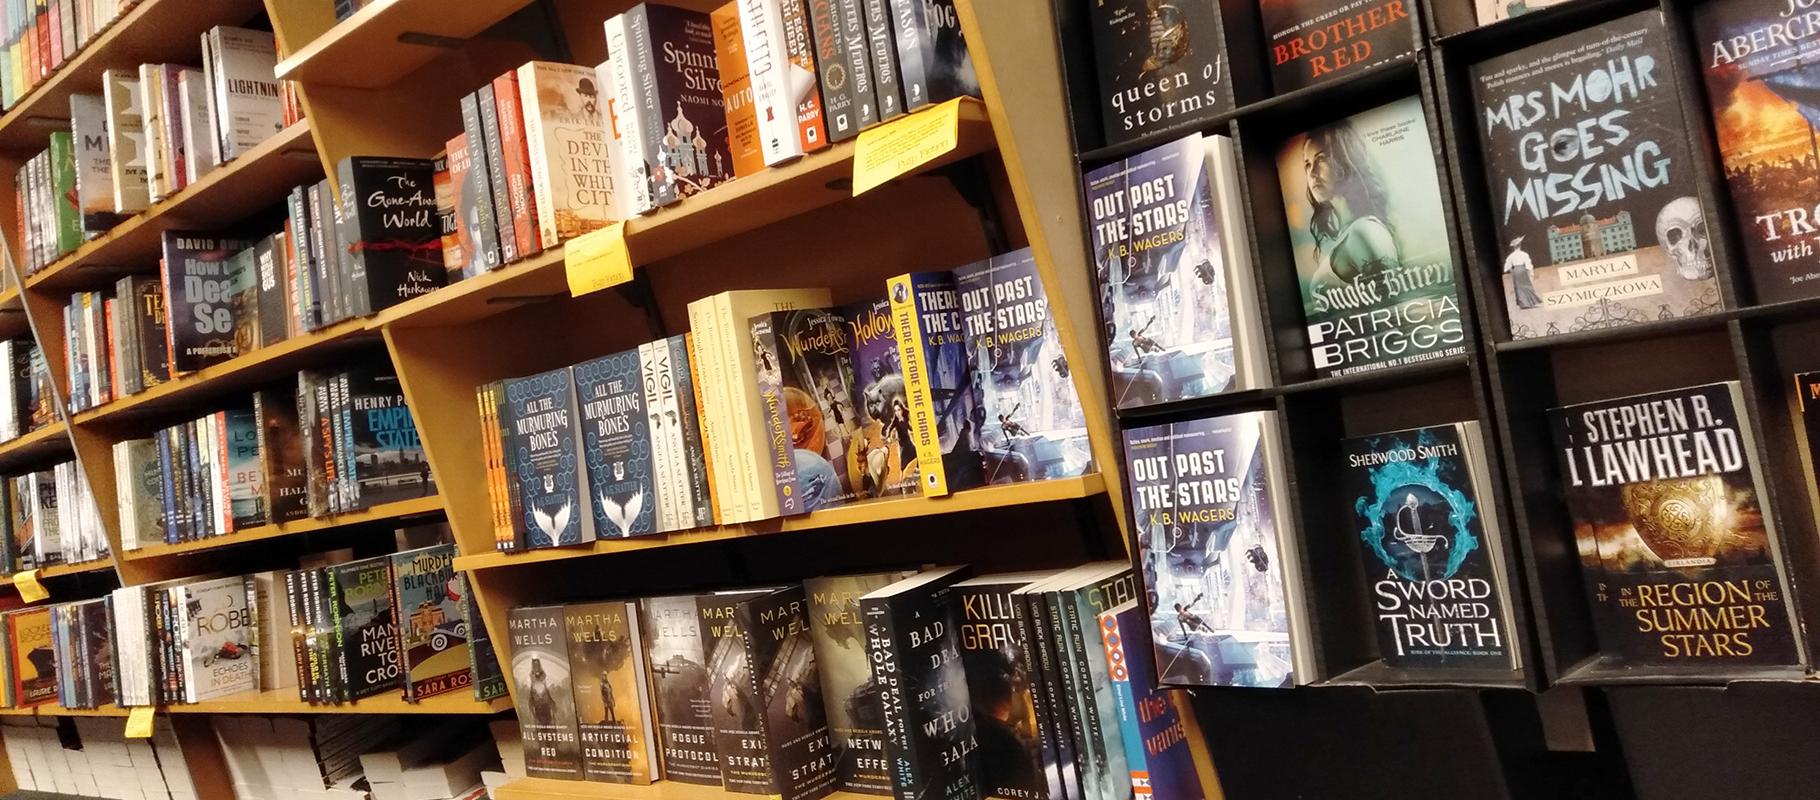 Pulp Fiction Books